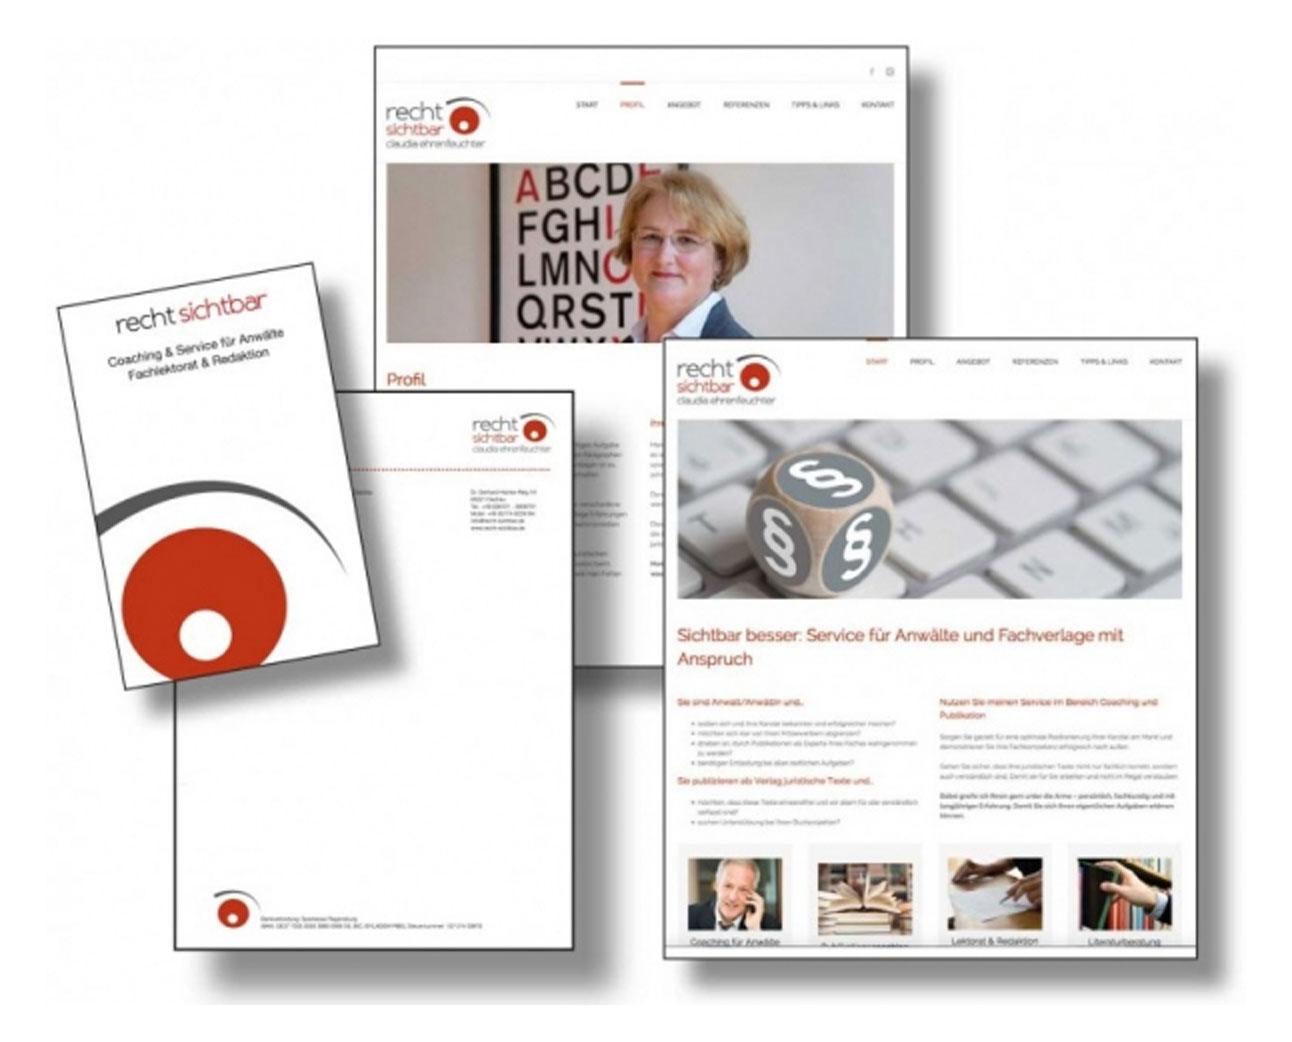 Die Markenbildnerei, München: Logo, Website, Geschäftsausstattung Recht sichtbar, Claudia Ehrenfeuchter